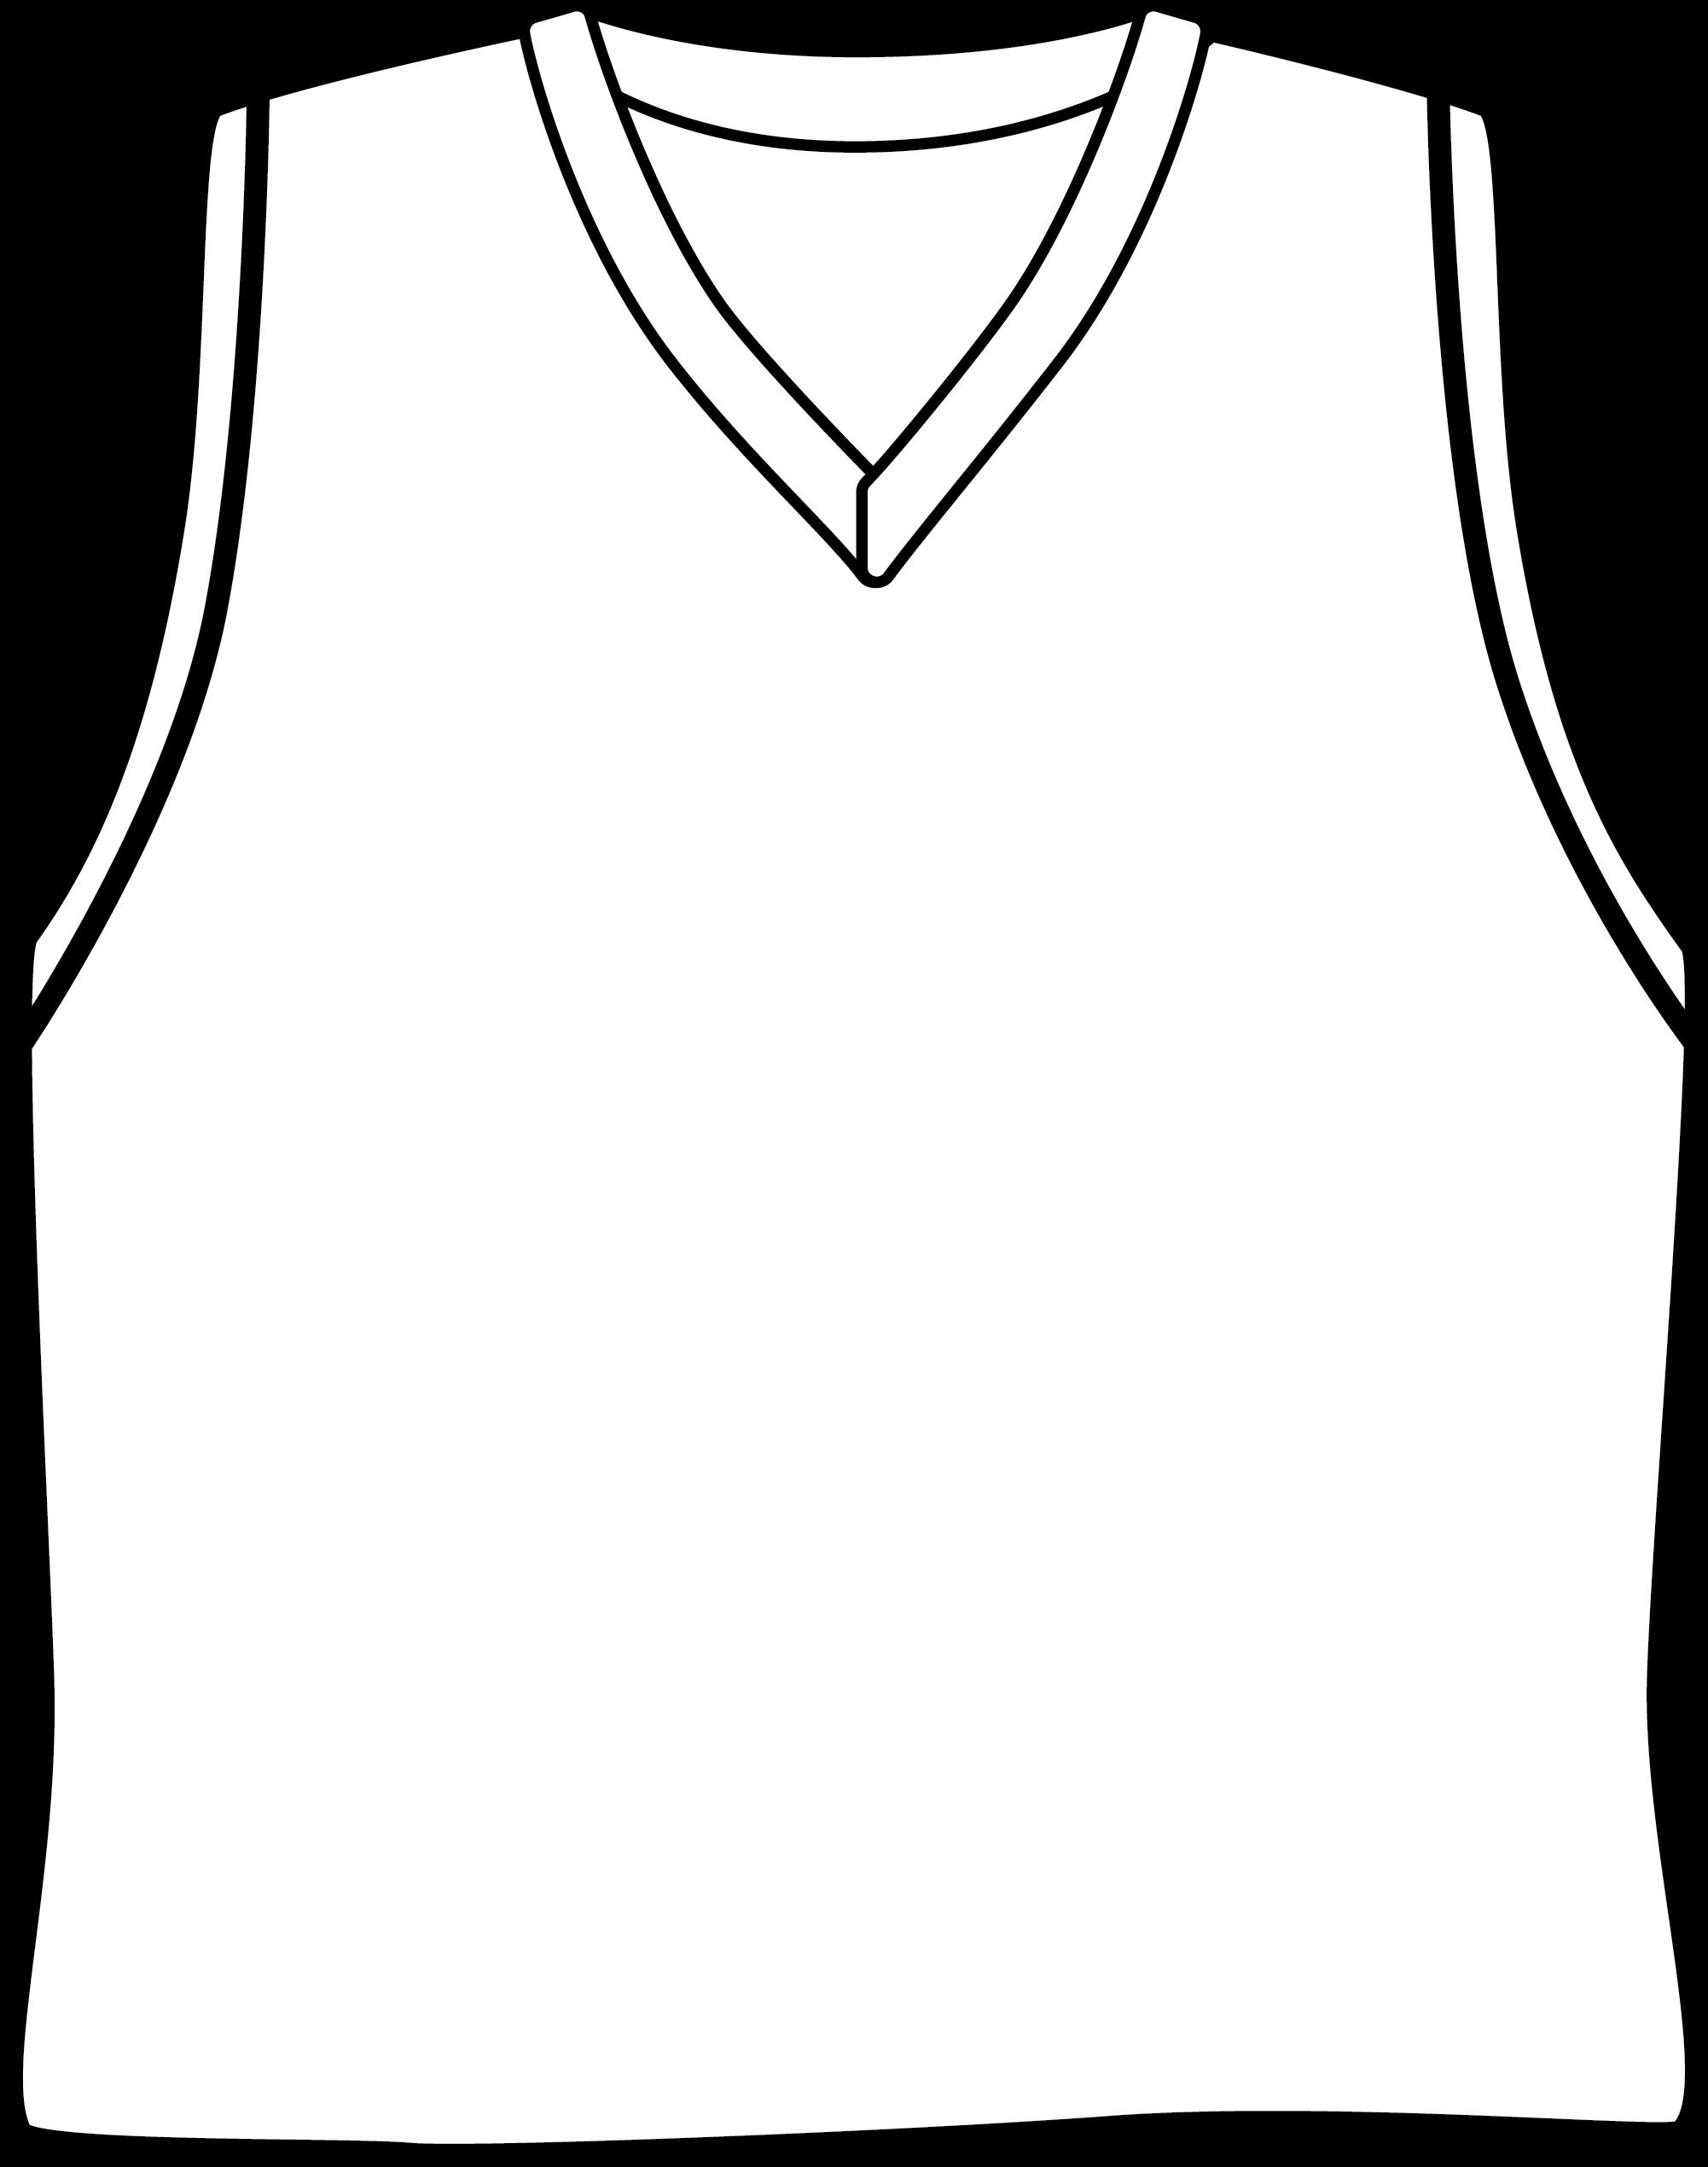 2002x2540 Jerseys Cliparts